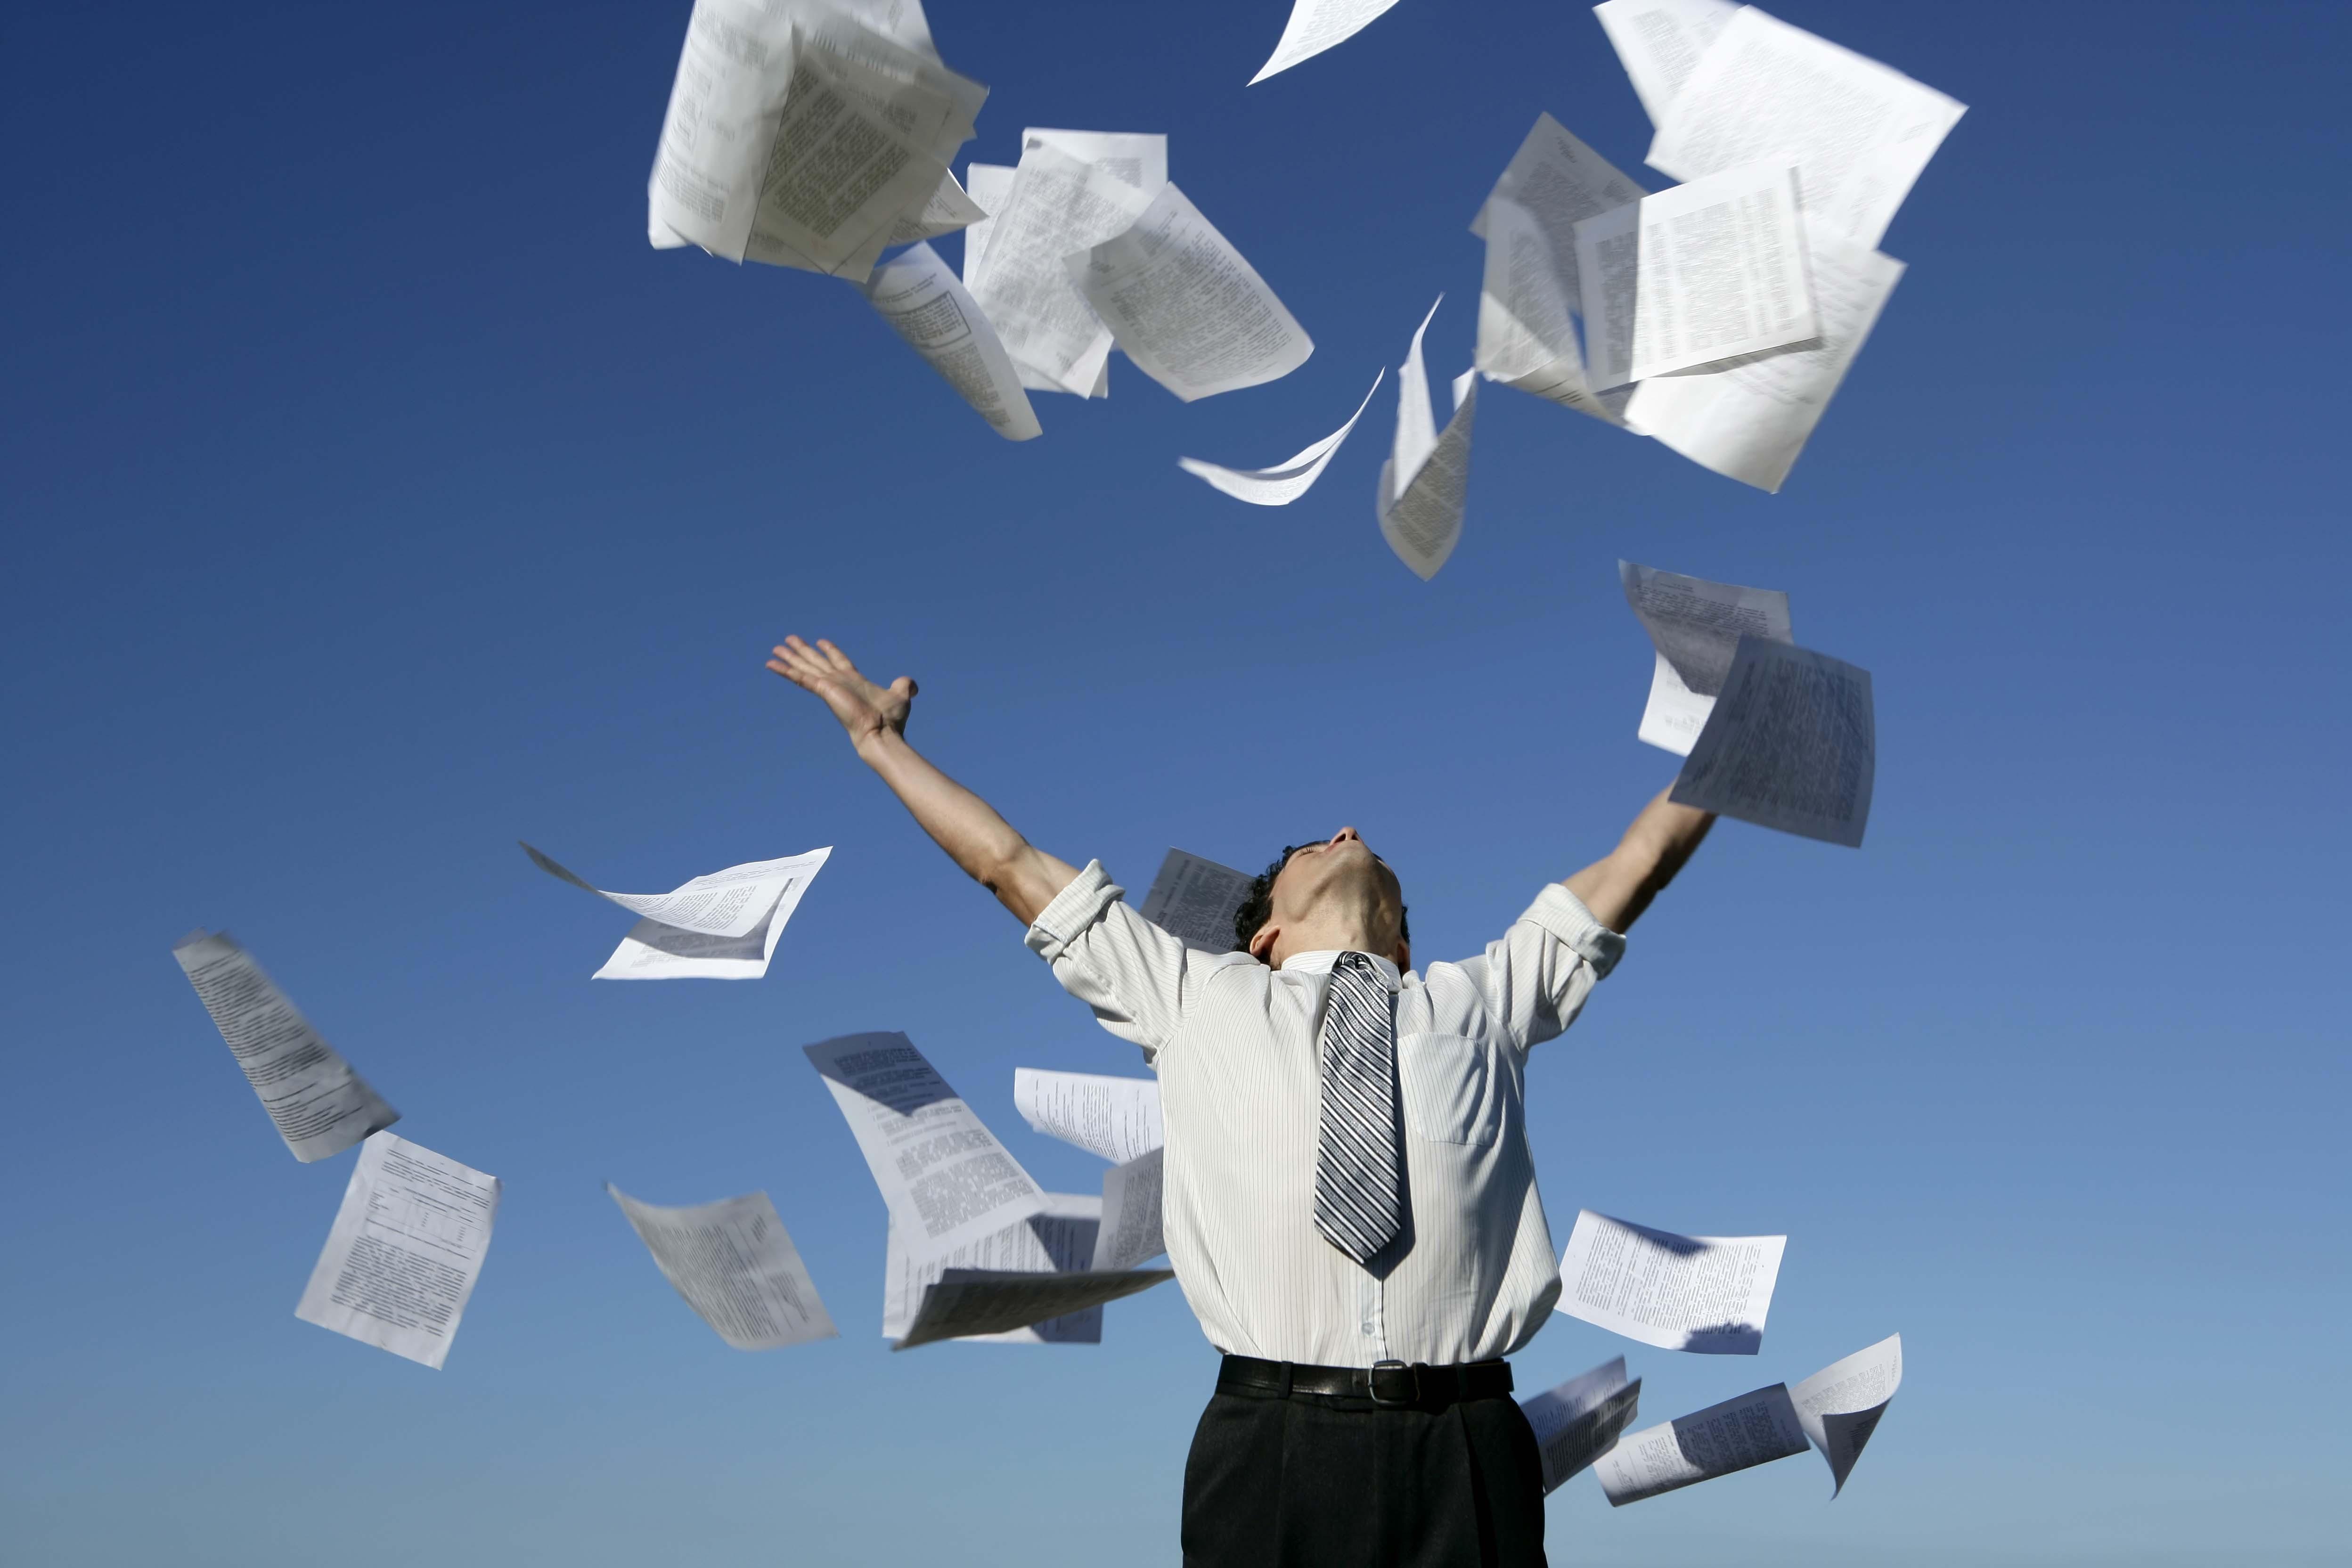 Poslovanje brez papirja lahko opazno izboljša vaše poslovanje!